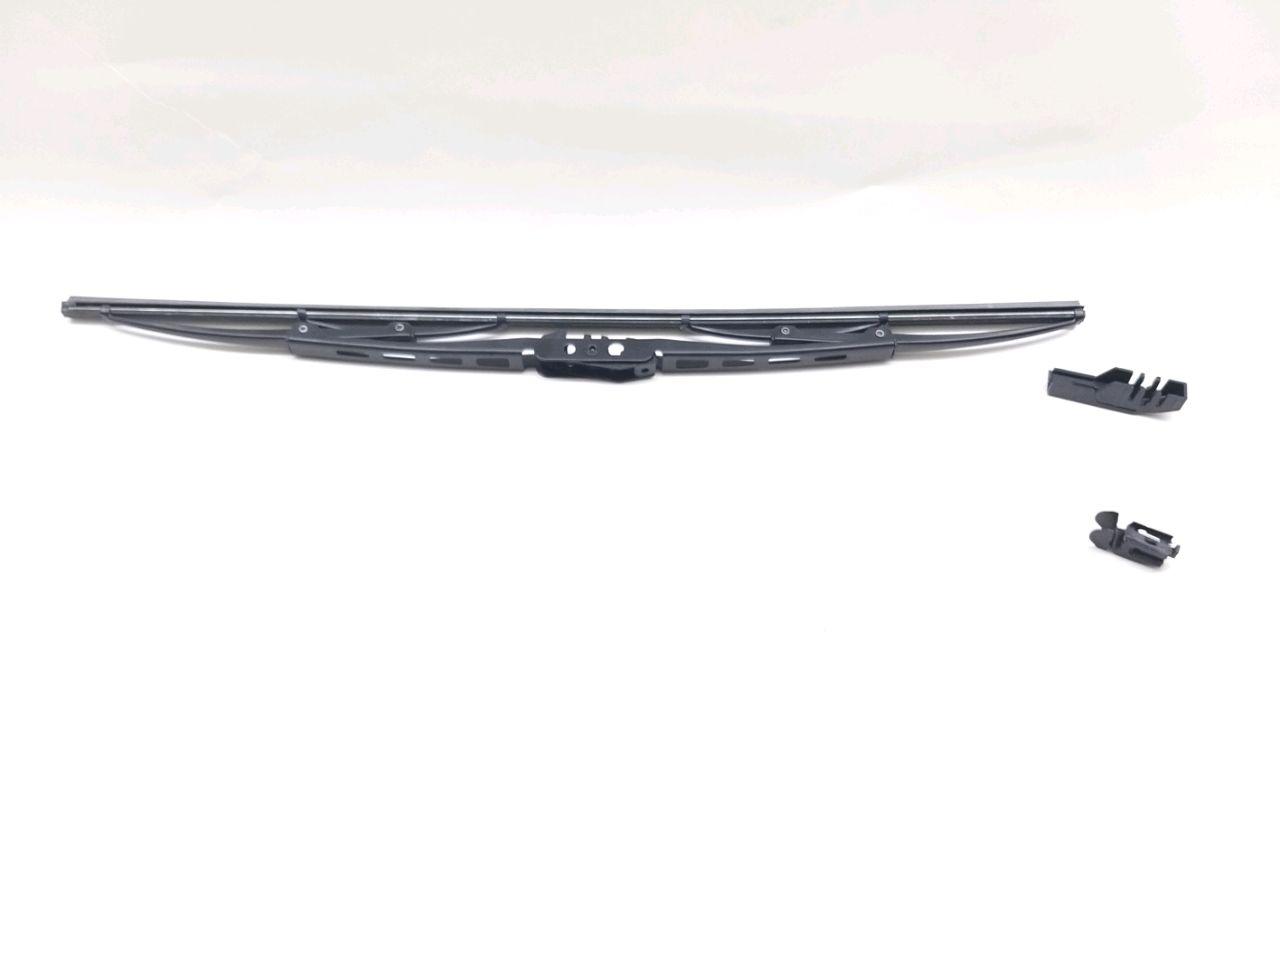 Perie ştergătoare p/parbriz 450mm Blario